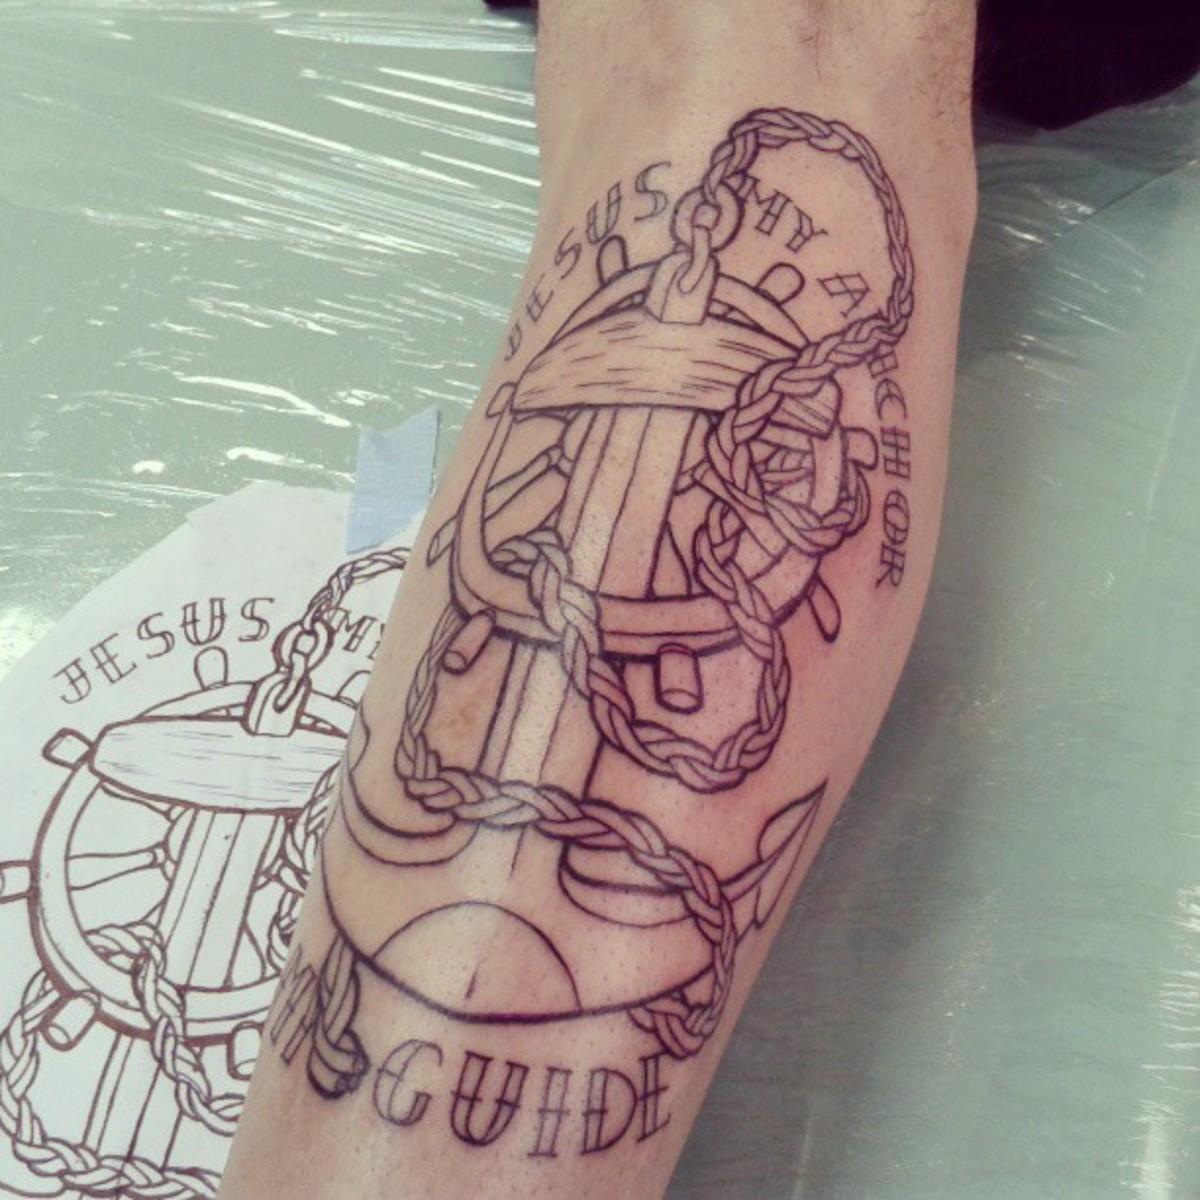 idei-dlya-tatuirovok - Якорь татуировки: эскизы, значения, и другие идеи -  - фото